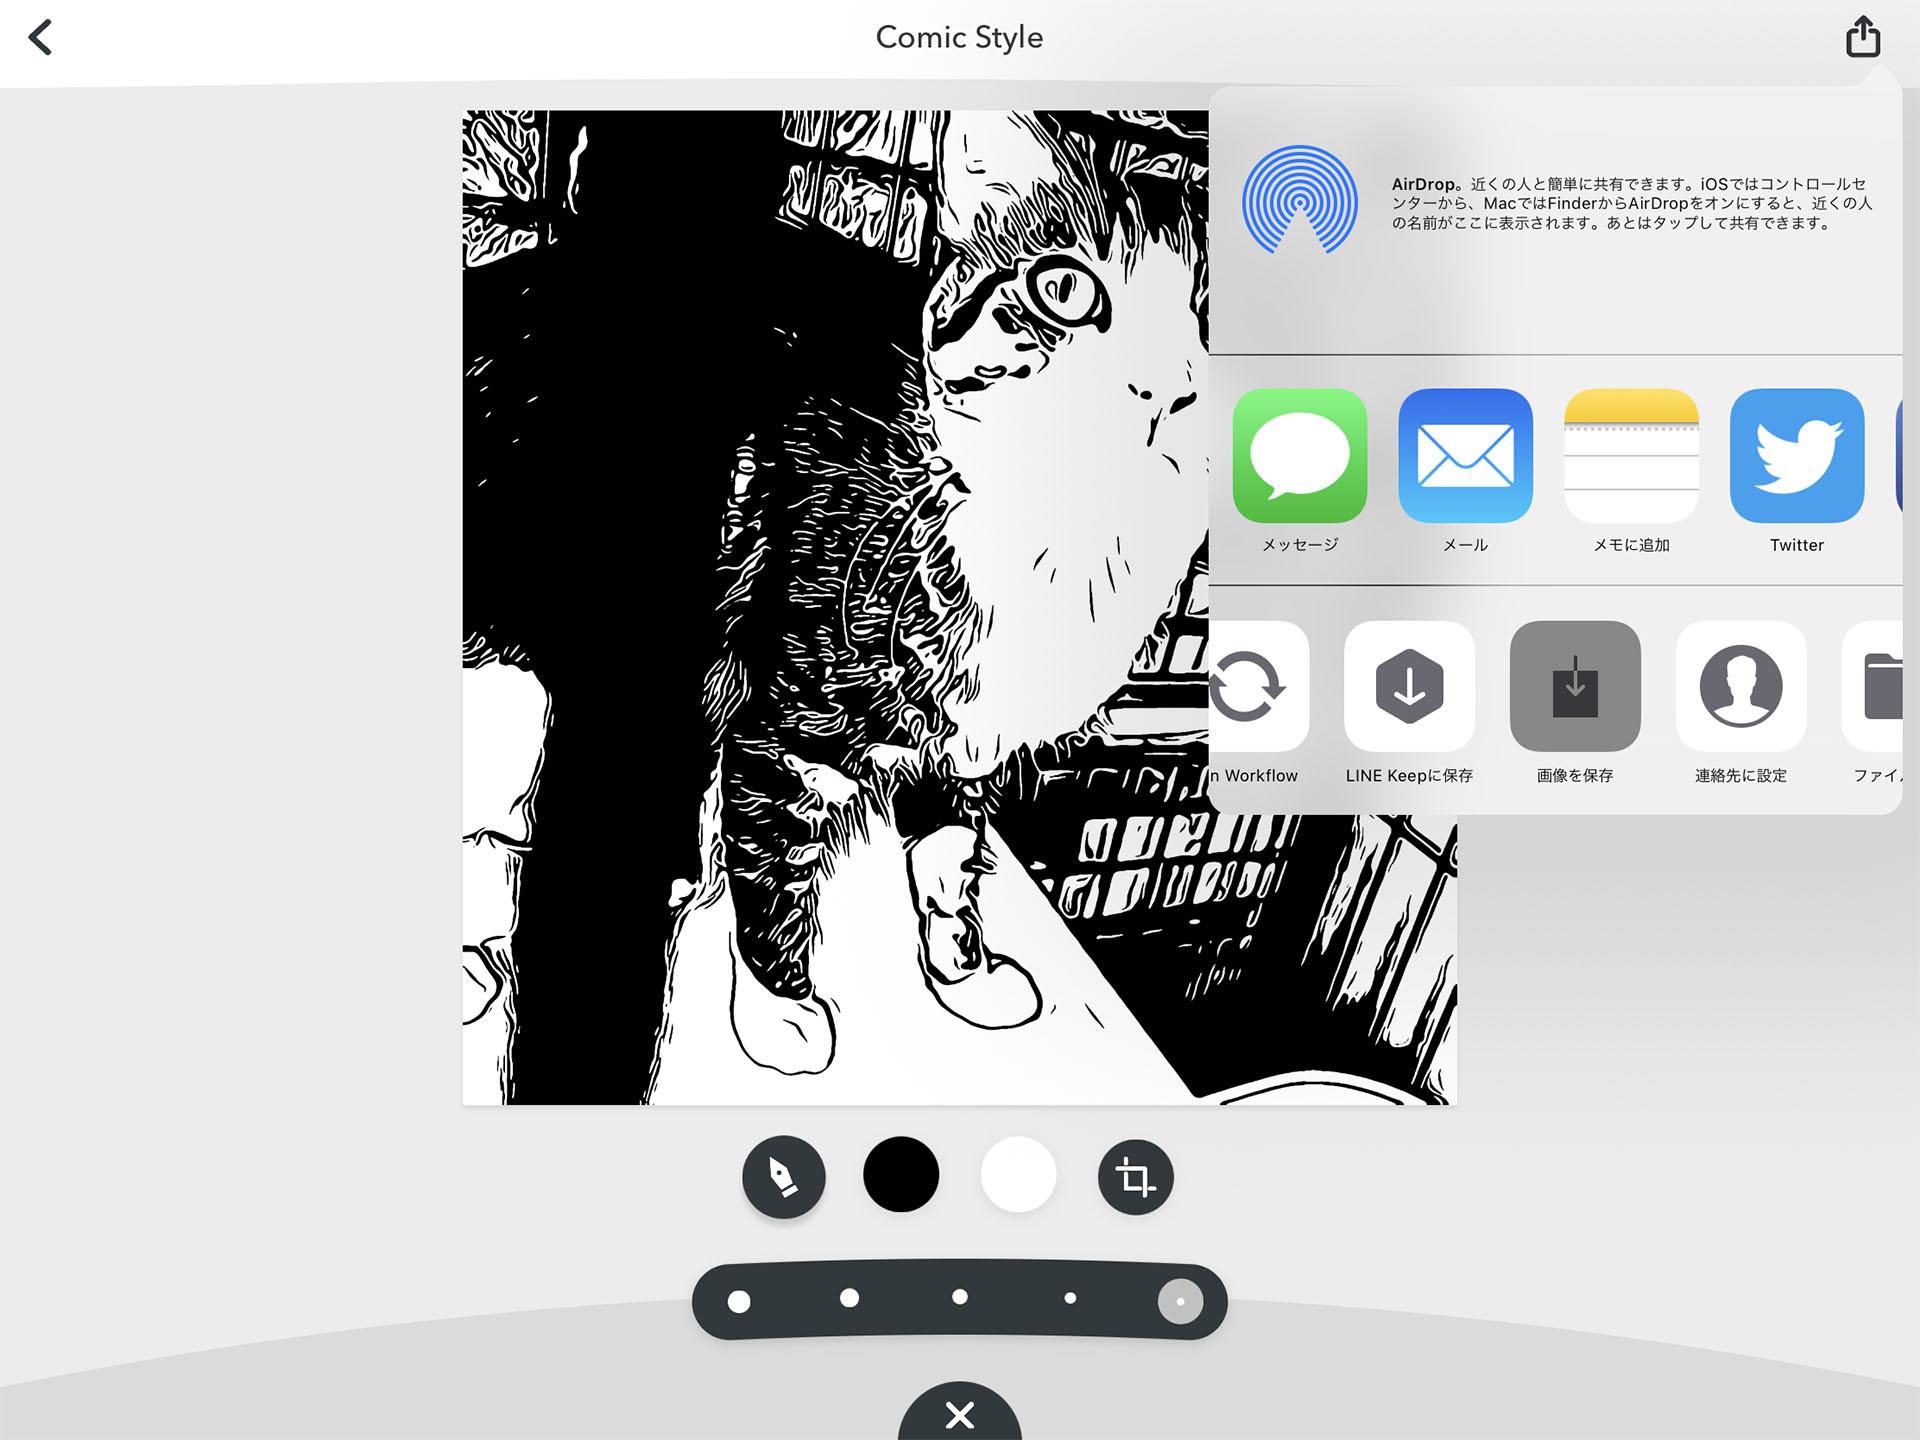 モノクロでイケてるアートを作ろう。デキるiosアプリ#26「inkwork